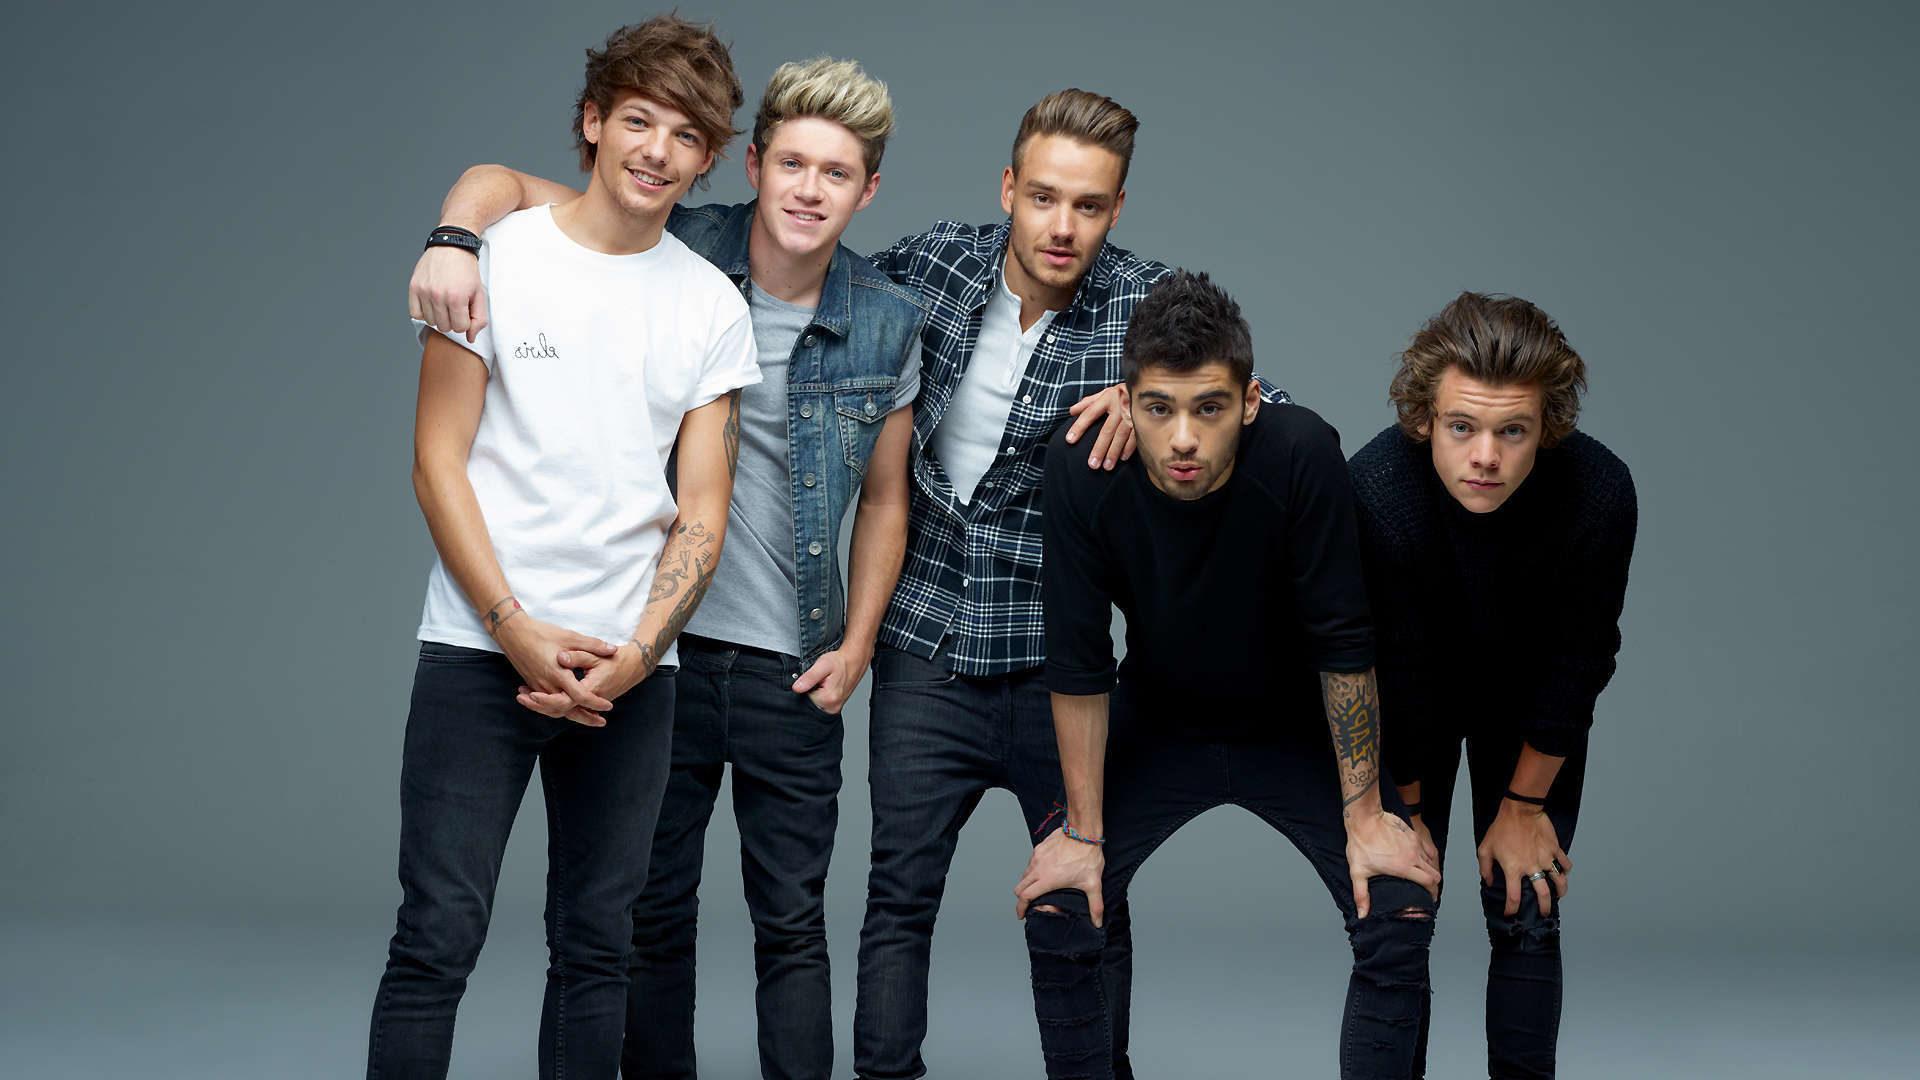 Boatos de um possível retorno de One Direction cresce e web vai à loucura com indícios (Foto: Reprodução)